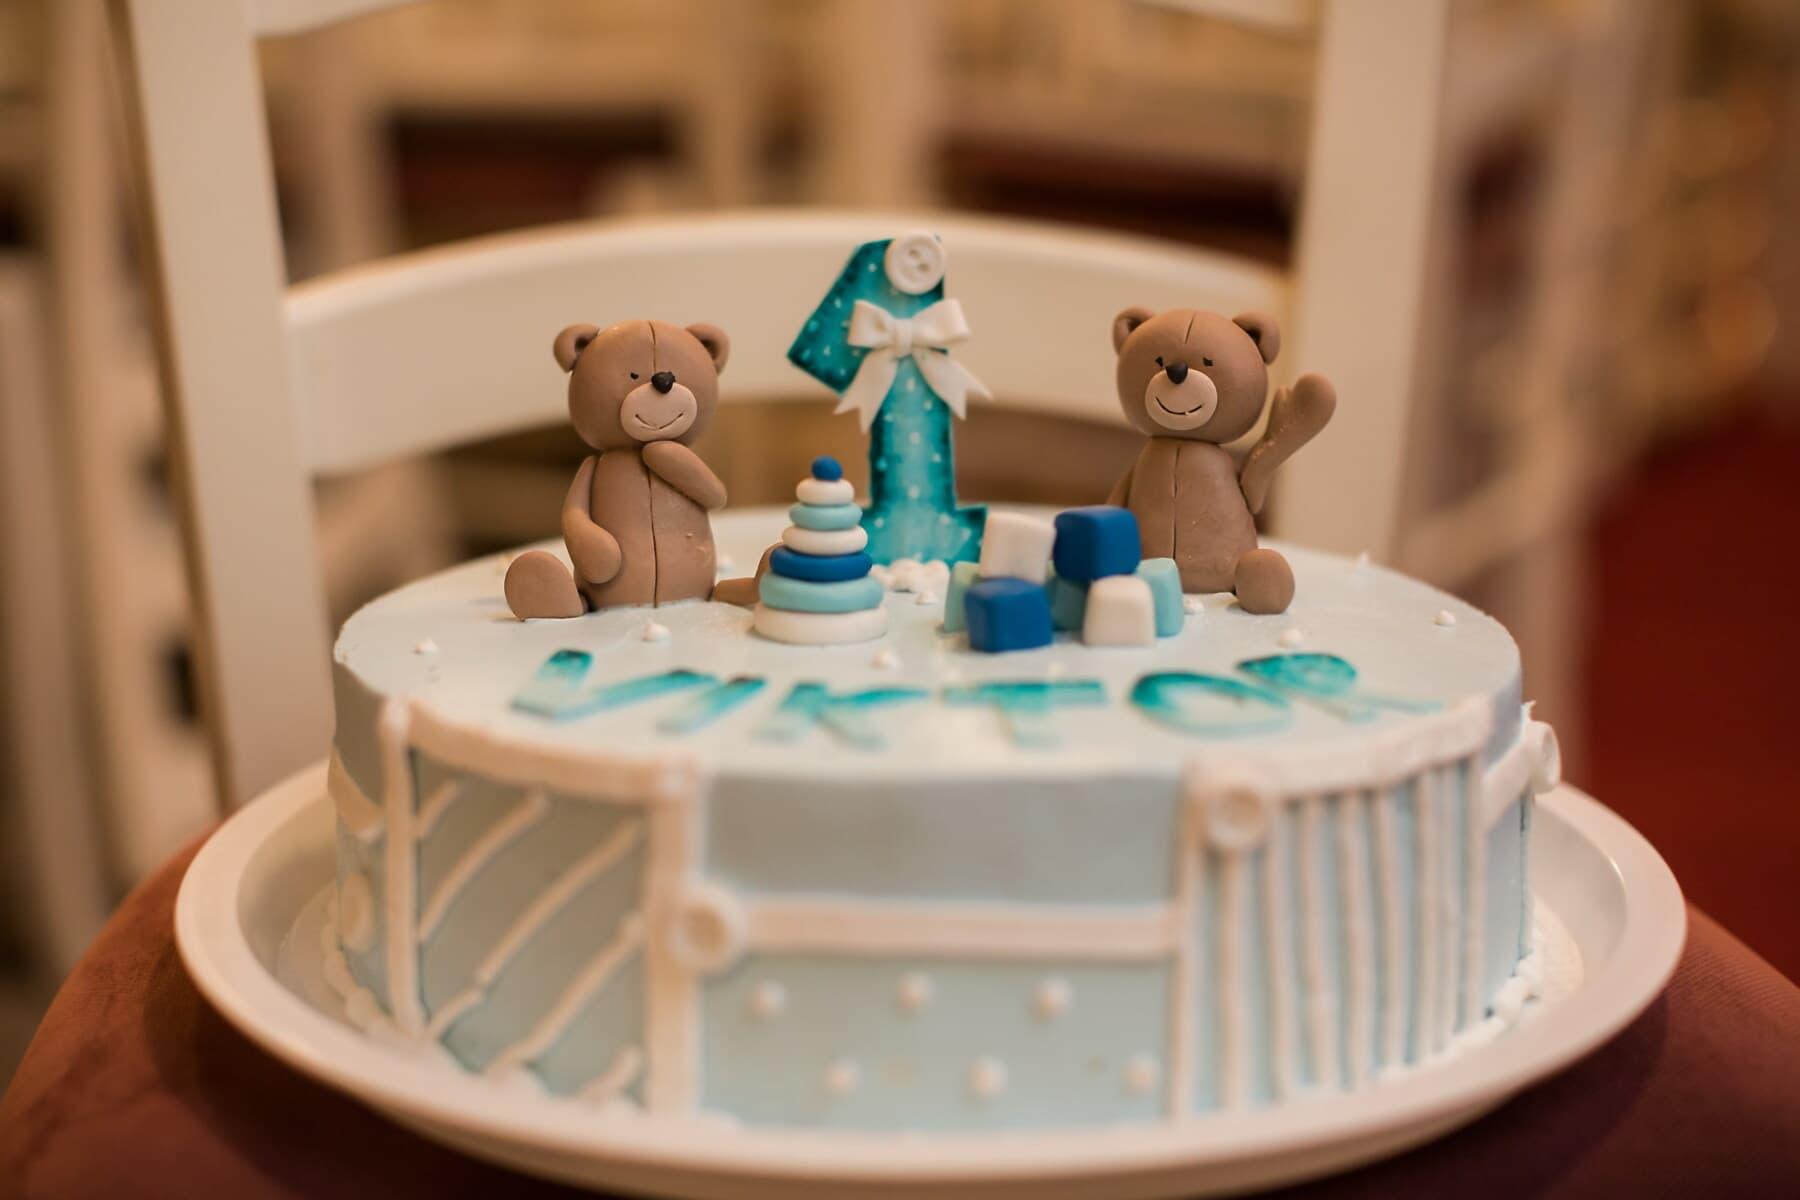 anniversaire, ours en peluche, gâteau d'anniversaire, pâtisserie, gâteau, à l'intérieur, cuisson au four, chocolat, miniature, Design d'intérieur